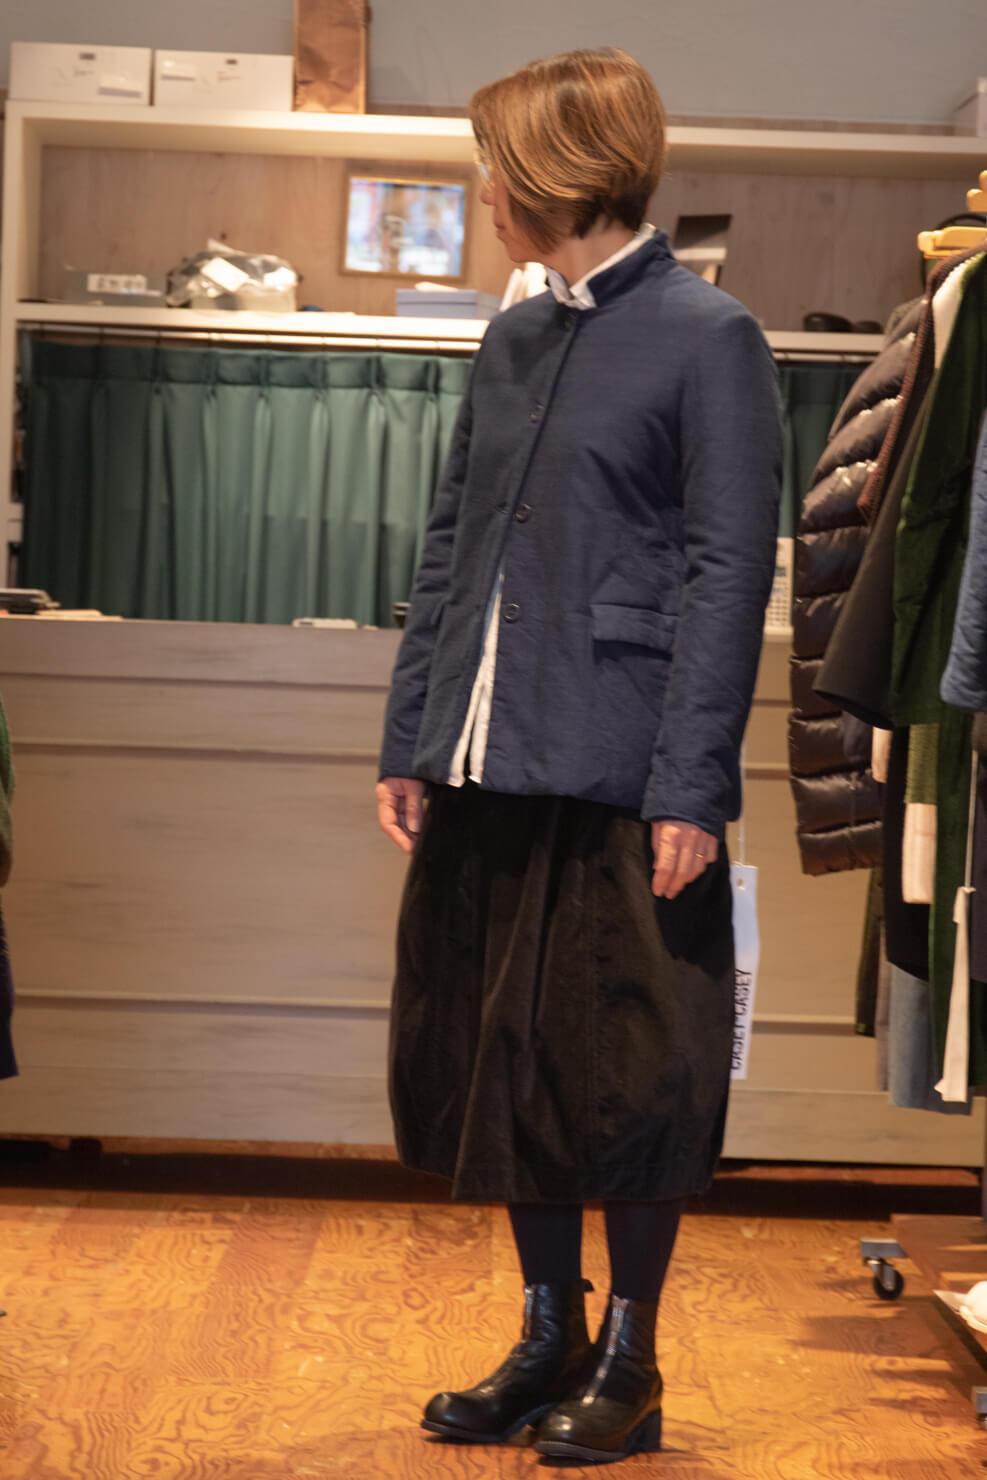 ケーシーケーシーのジャケットを着ている写真